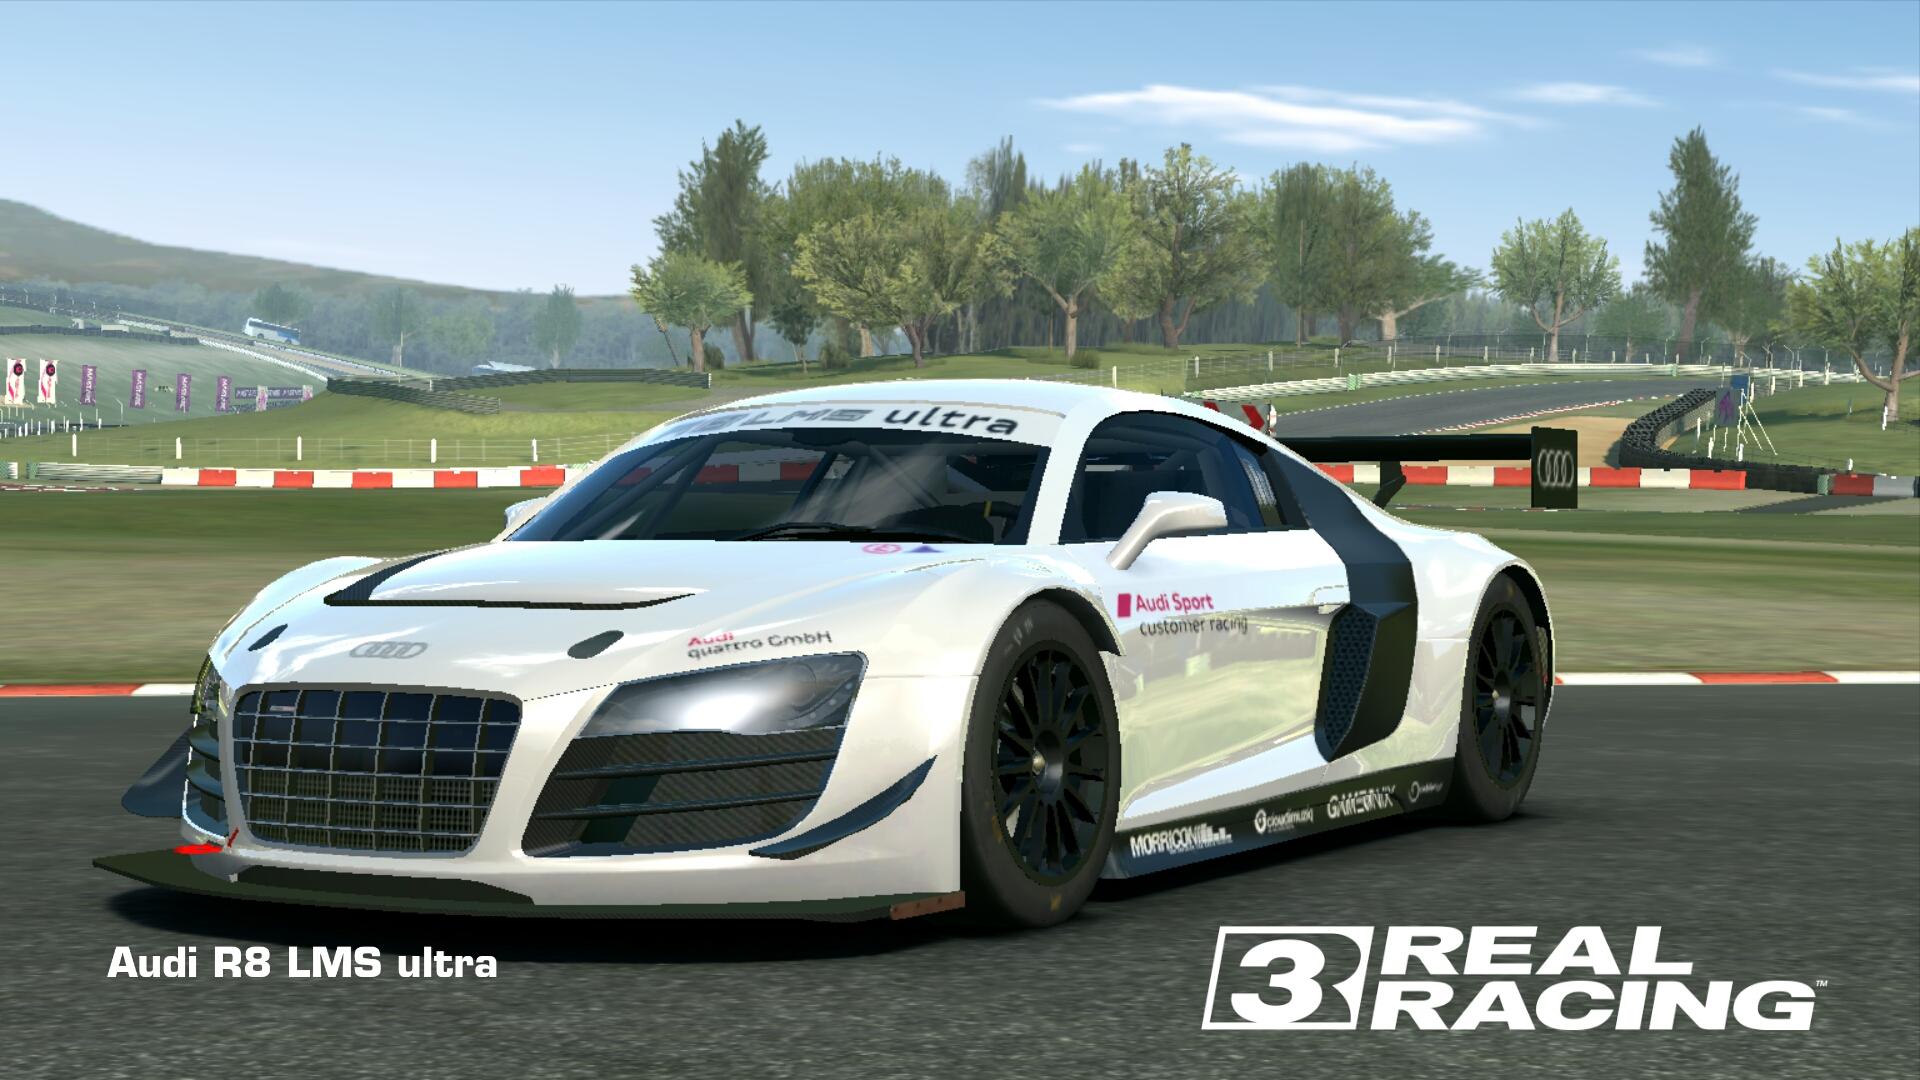 Showcase Audi R8 LMS ultra